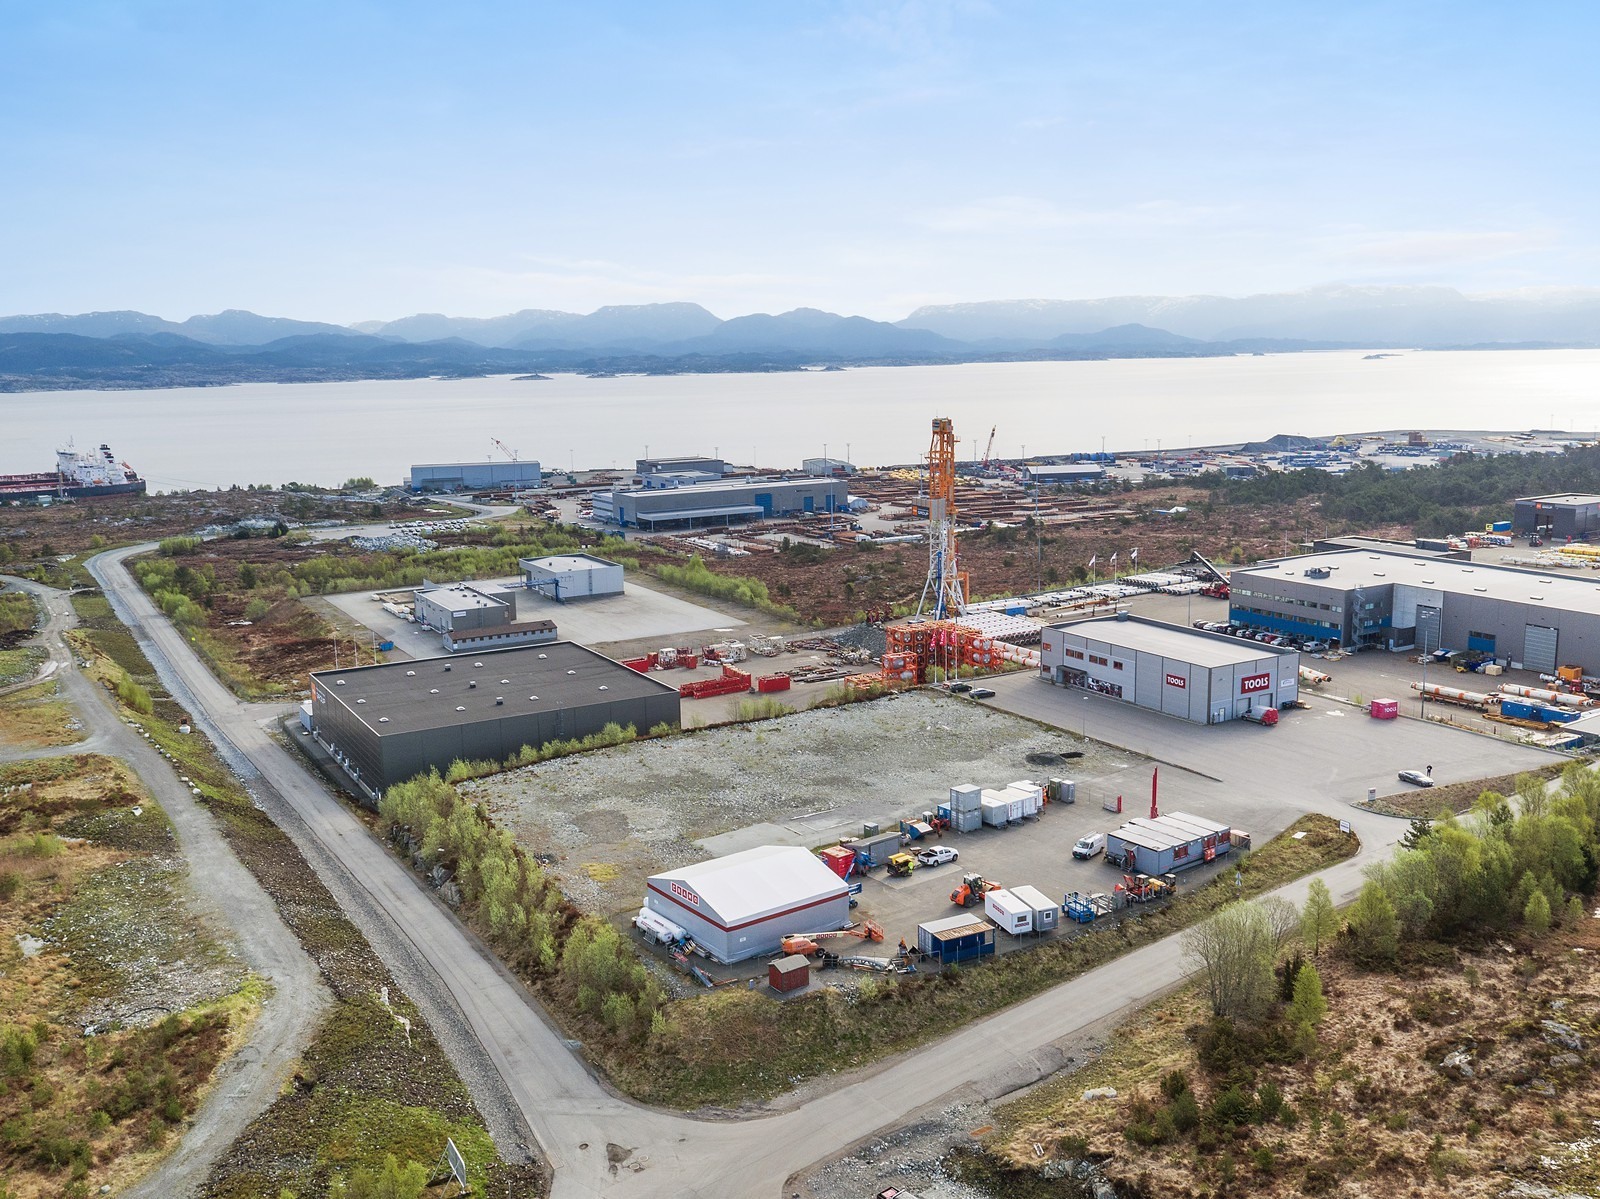 Eiendommen ligger utmerket til mellom Mongstad Base og Statoils industriområde